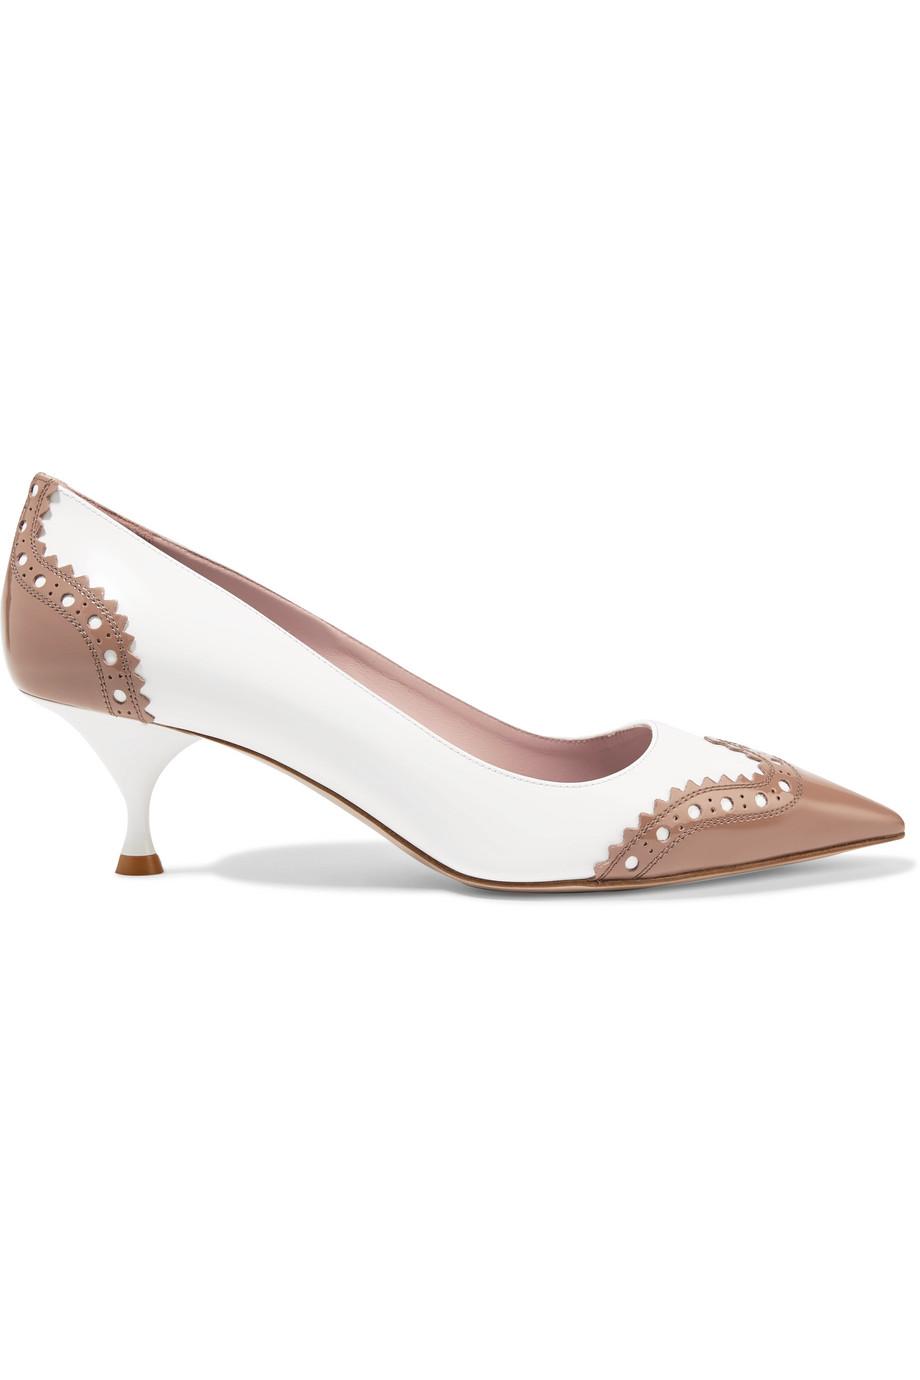 حذاء باللونين النيود والأبيض من Miu Miu